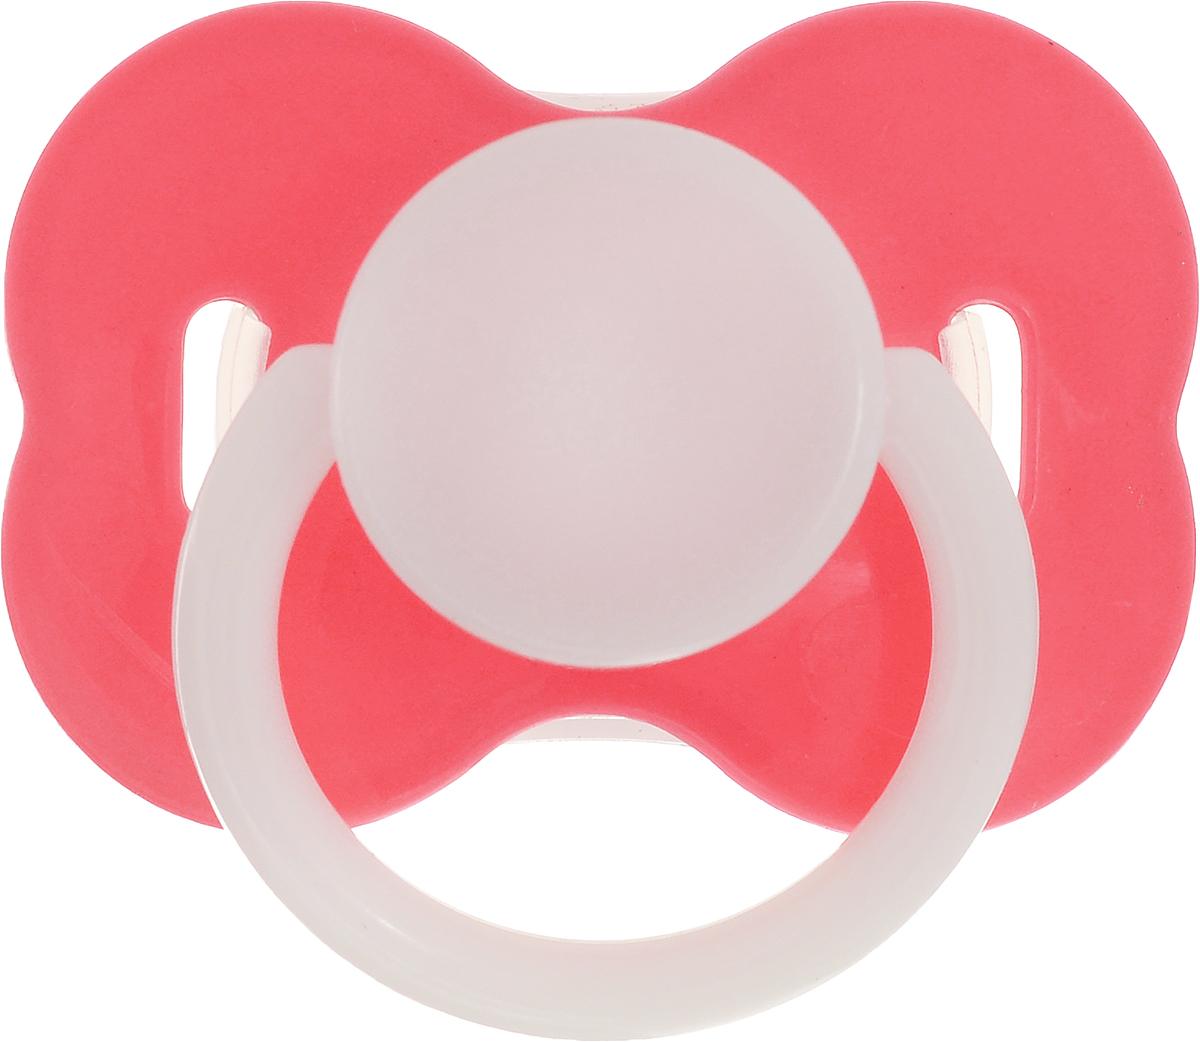 Lubby Пустышка силиконовая с колпачком от 0 месяцев цвет коралловый